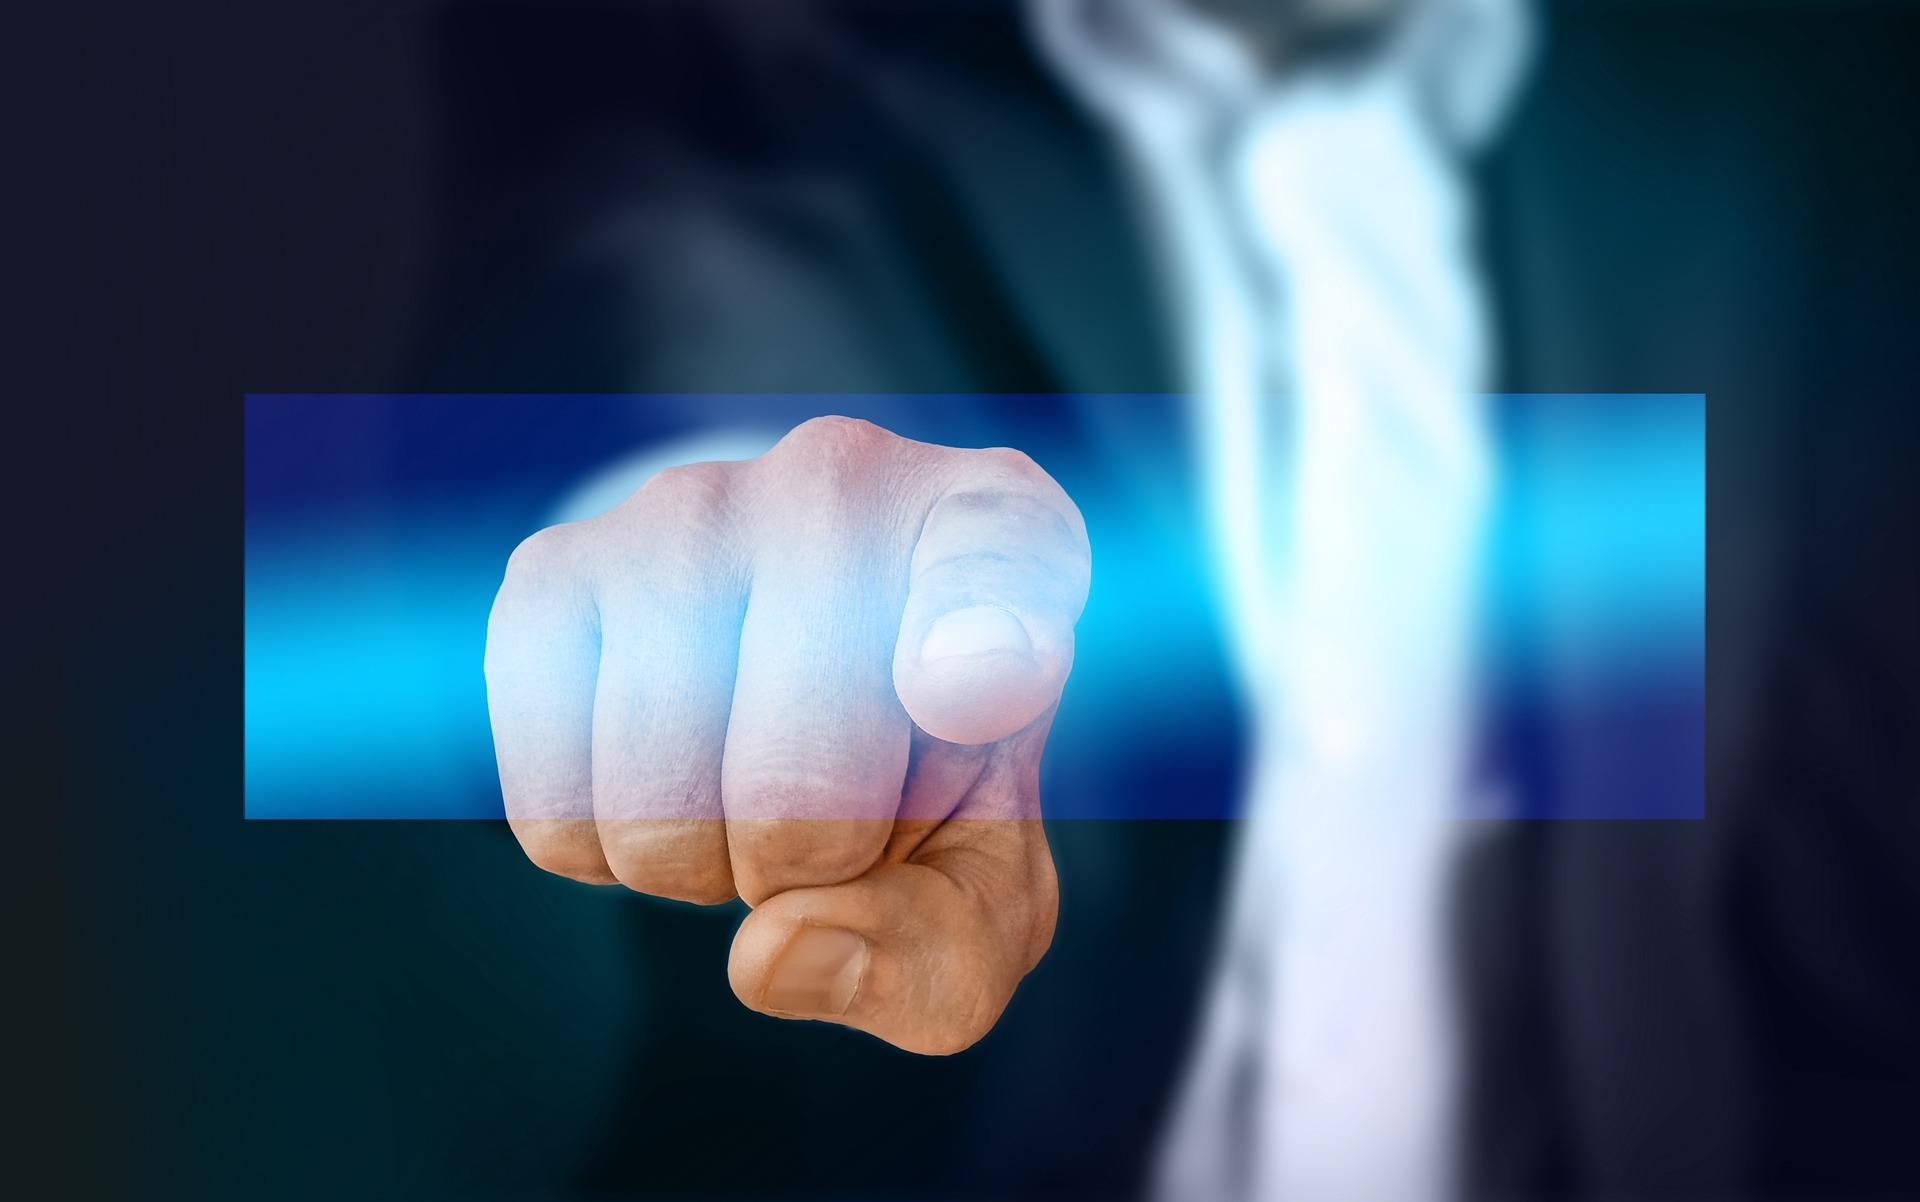 Kompetenz online Seminar, kompetent, kompetent wirken